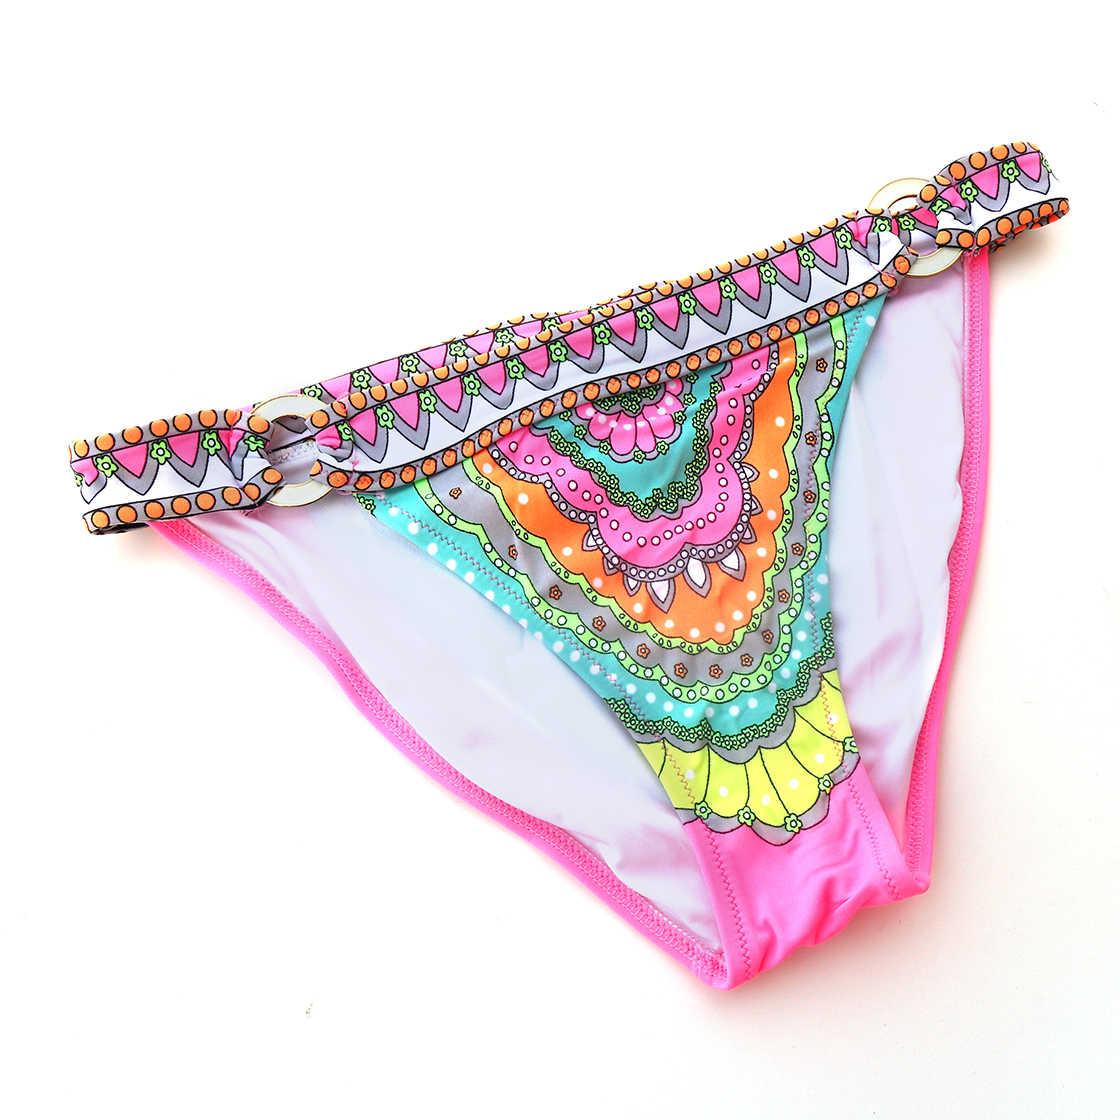 14f1ccd4481b9 ... Оптовая Продажа Бикини Низ розовый принт бразильский Cheeky Bottom  купальник Biquini бикини сексуальный секрет одежда заплыва